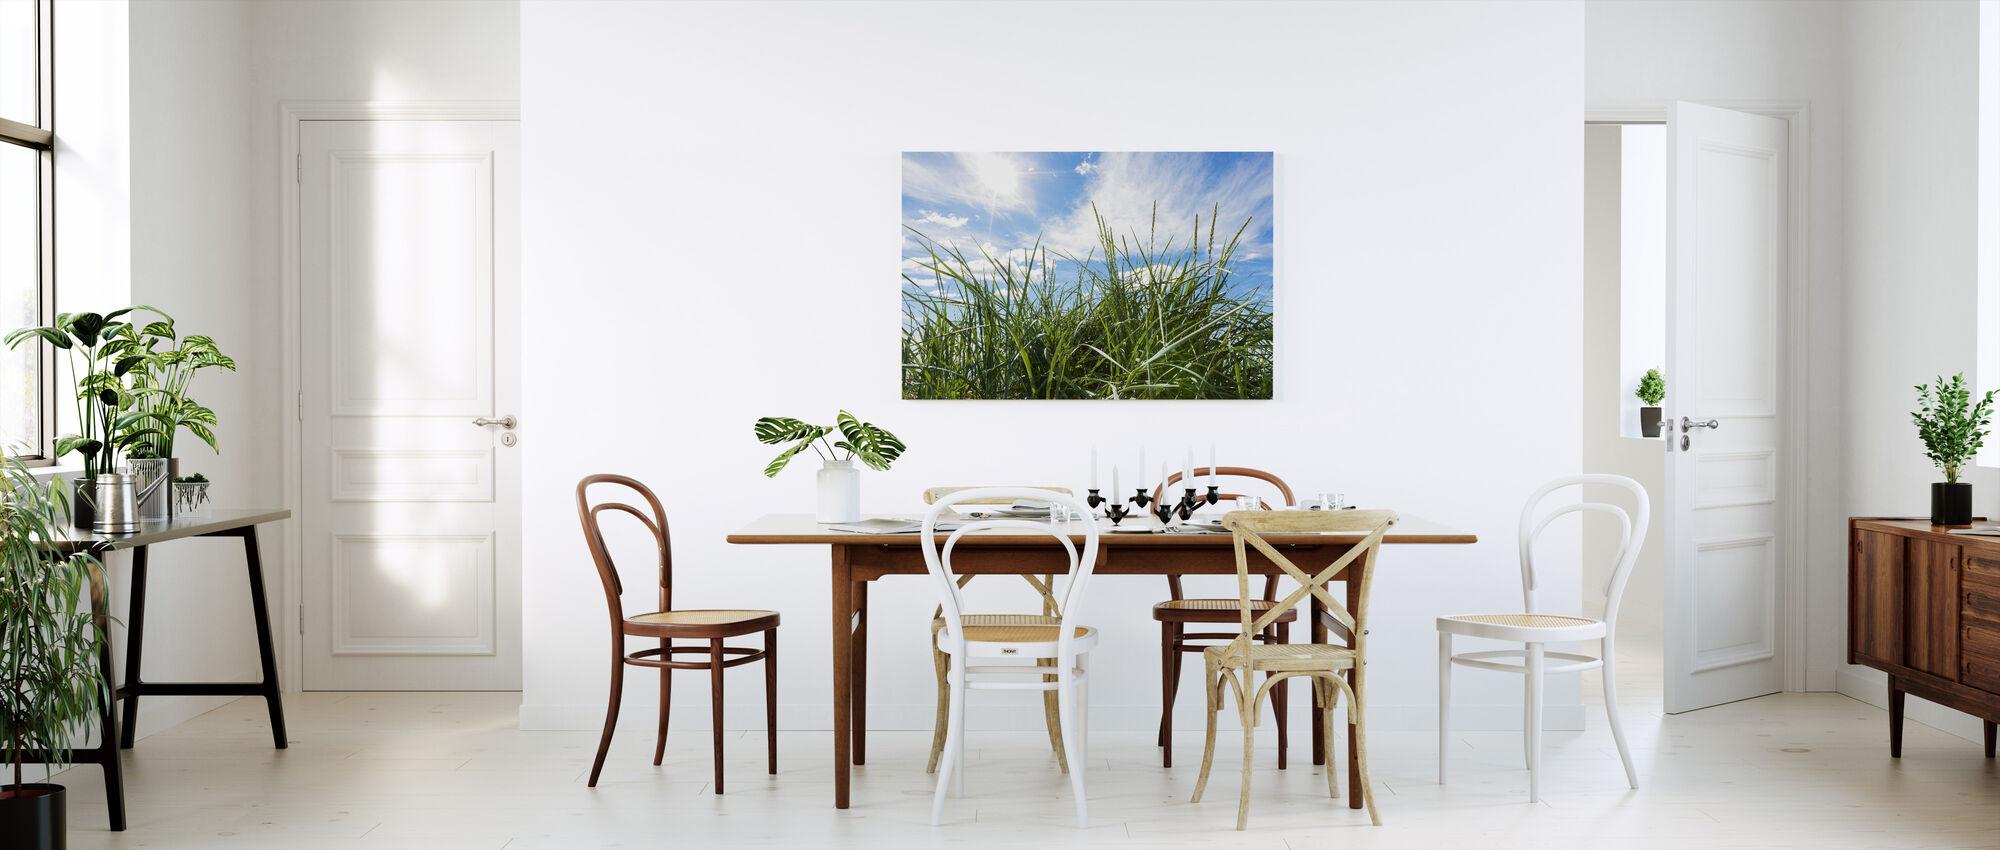 Grøn græs og blå himmel - Billede på lærred - Køkken